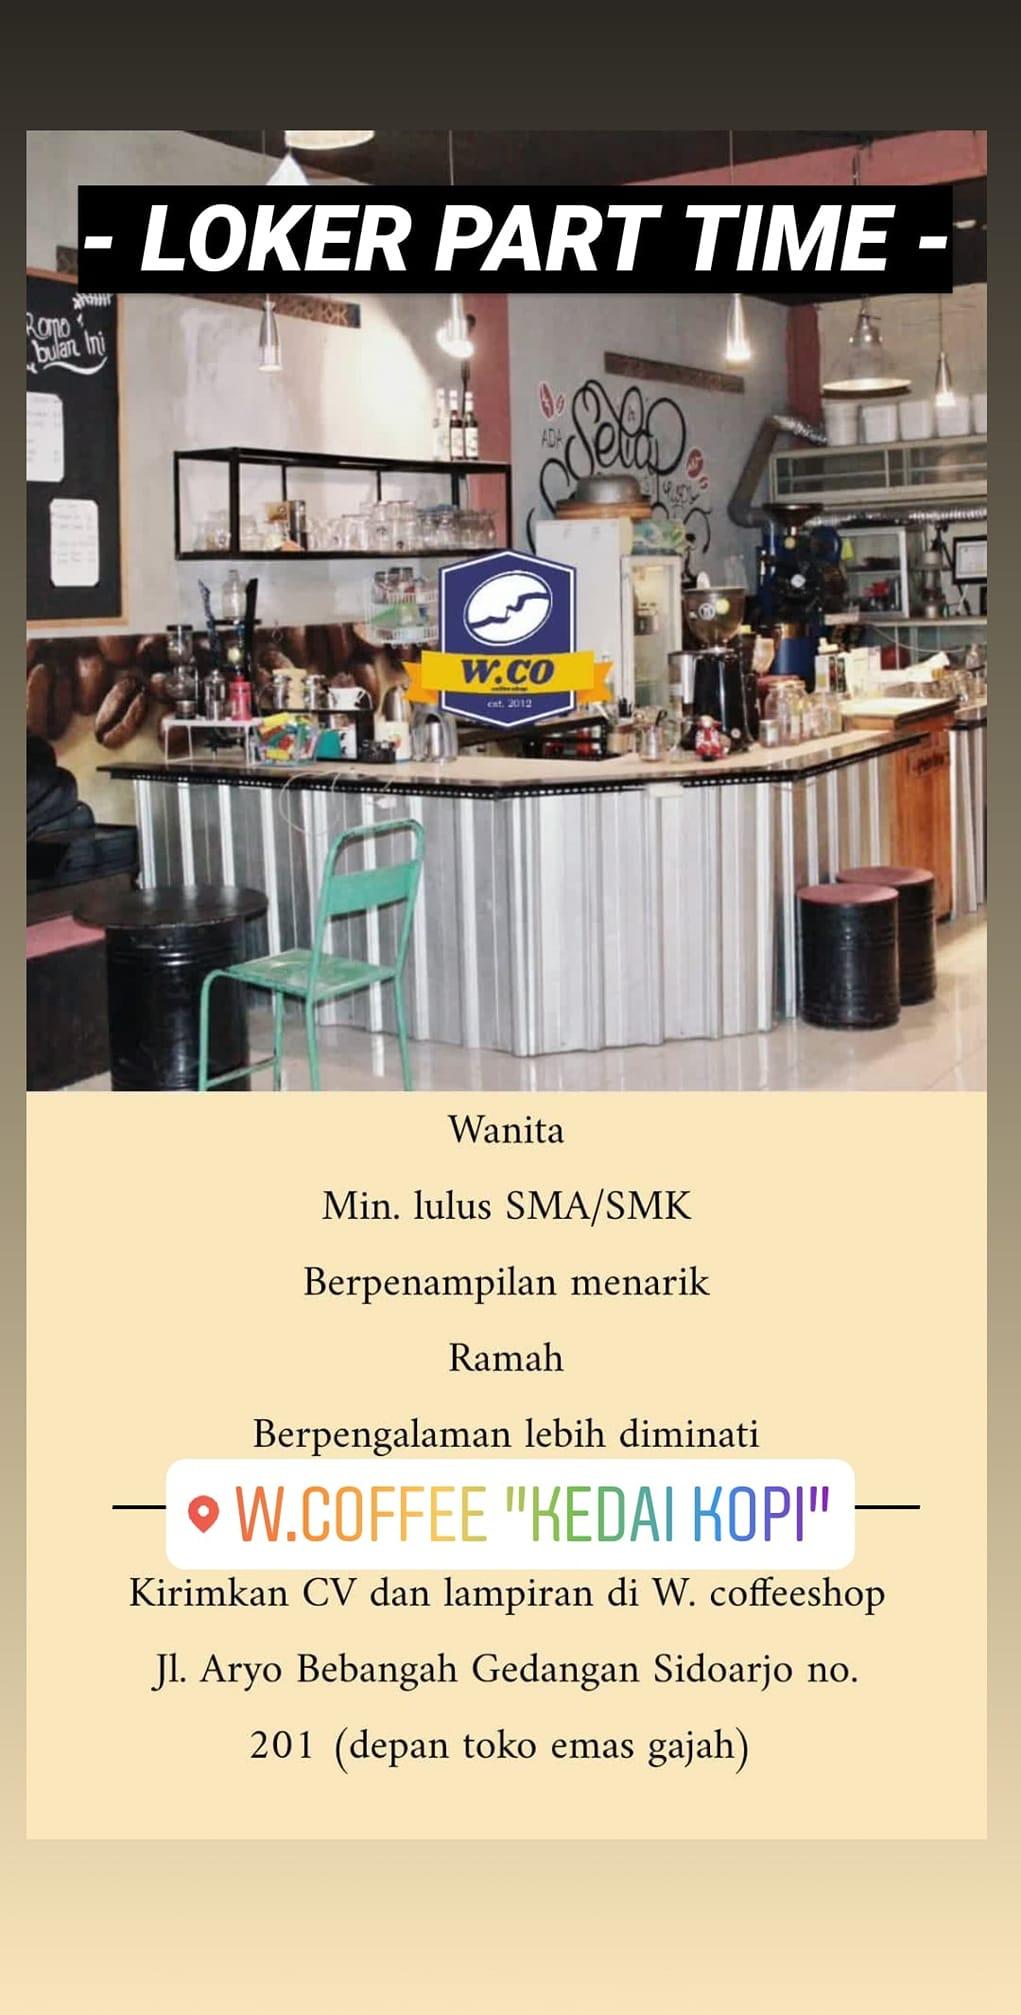 Loker Part Time Surabaya 2021